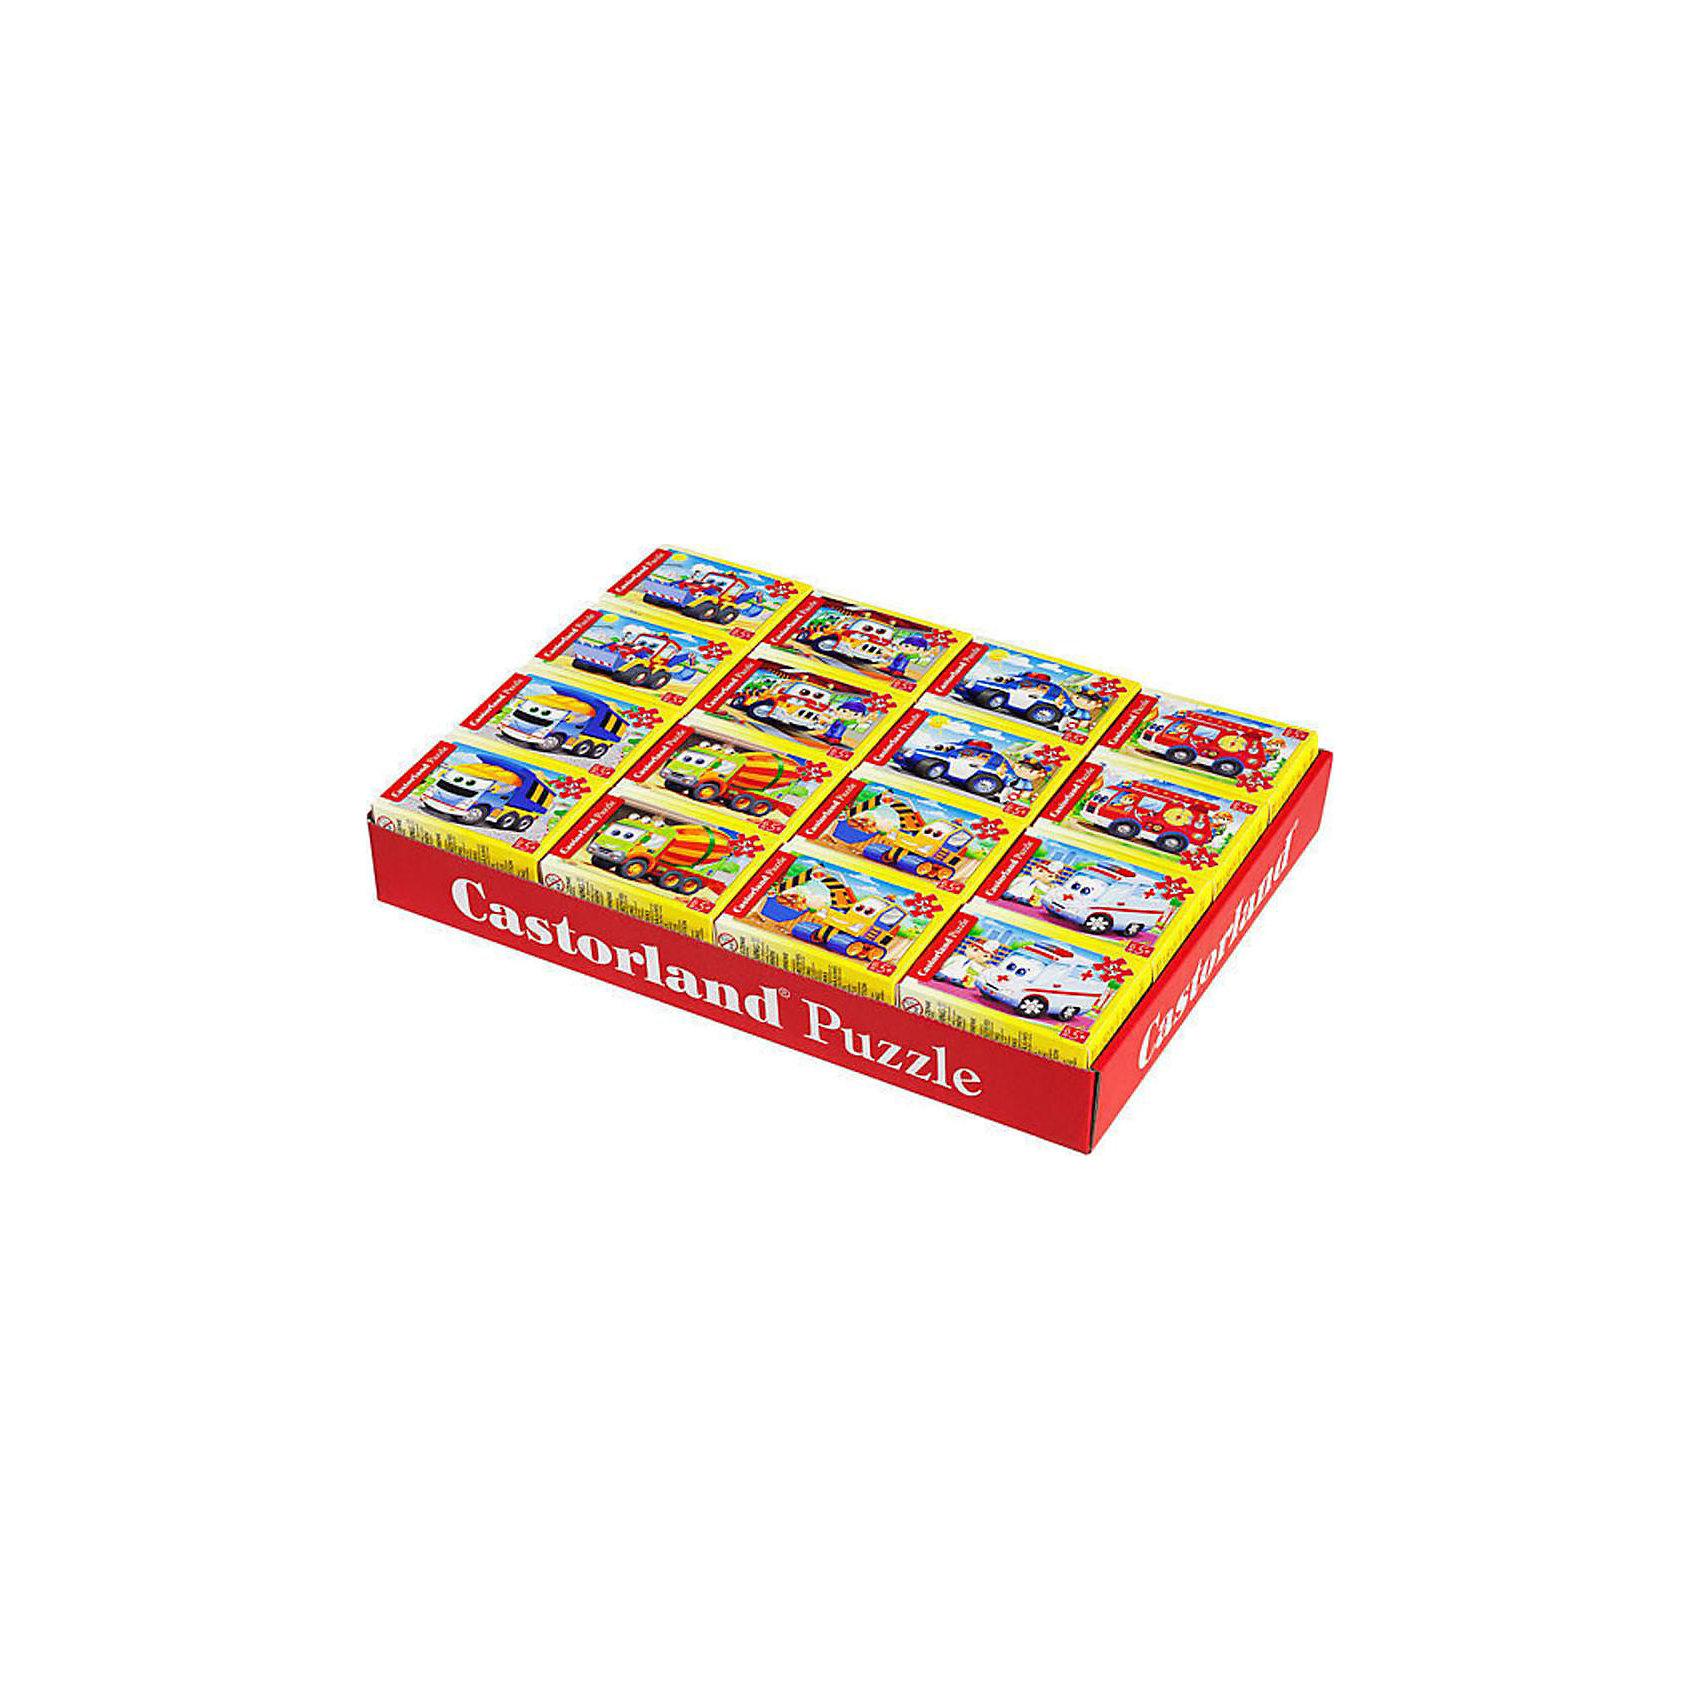 Пазлы Новый год, 54 детали Mini, Castorland, в ассорт.Пазлы Новый год, 54 детали Mini, Castorland (Касторленд), в ассортименте.<br><br>Дополнительная информация:<br><br>- Изображение: иллюстрации на новогоднюю тему<br>- Количество деталей: 54<br>- Размер собранного пазла: 165 х 110 мм.<br>- Размер коробки: 91 х 28 х 65 мм<br>- Вес: 50 г.<br><br>ВНИМАНИЕ! Данный артикул имеется в наличии в разных вариантах исполнения. Заранее выбрать определенный вариант нельзя. При заказе нескольких артикулов возможно получение одинаковых.<br><br>Пазлы Новый год, 54 детали Mini, Castorland (Касторленд), в ассортименте можно купить в нашем интернет магазине.<br><br>Ширина мм: 91<br>Глубина мм: 28<br>Высота мм: 65<br>Вес г: 50<br>Возраст от месяцев: 72<br>Возраст до месяцев: 192<br>Пол: Унисекс<br>Возраст: Детский<br>SKU: 3382261